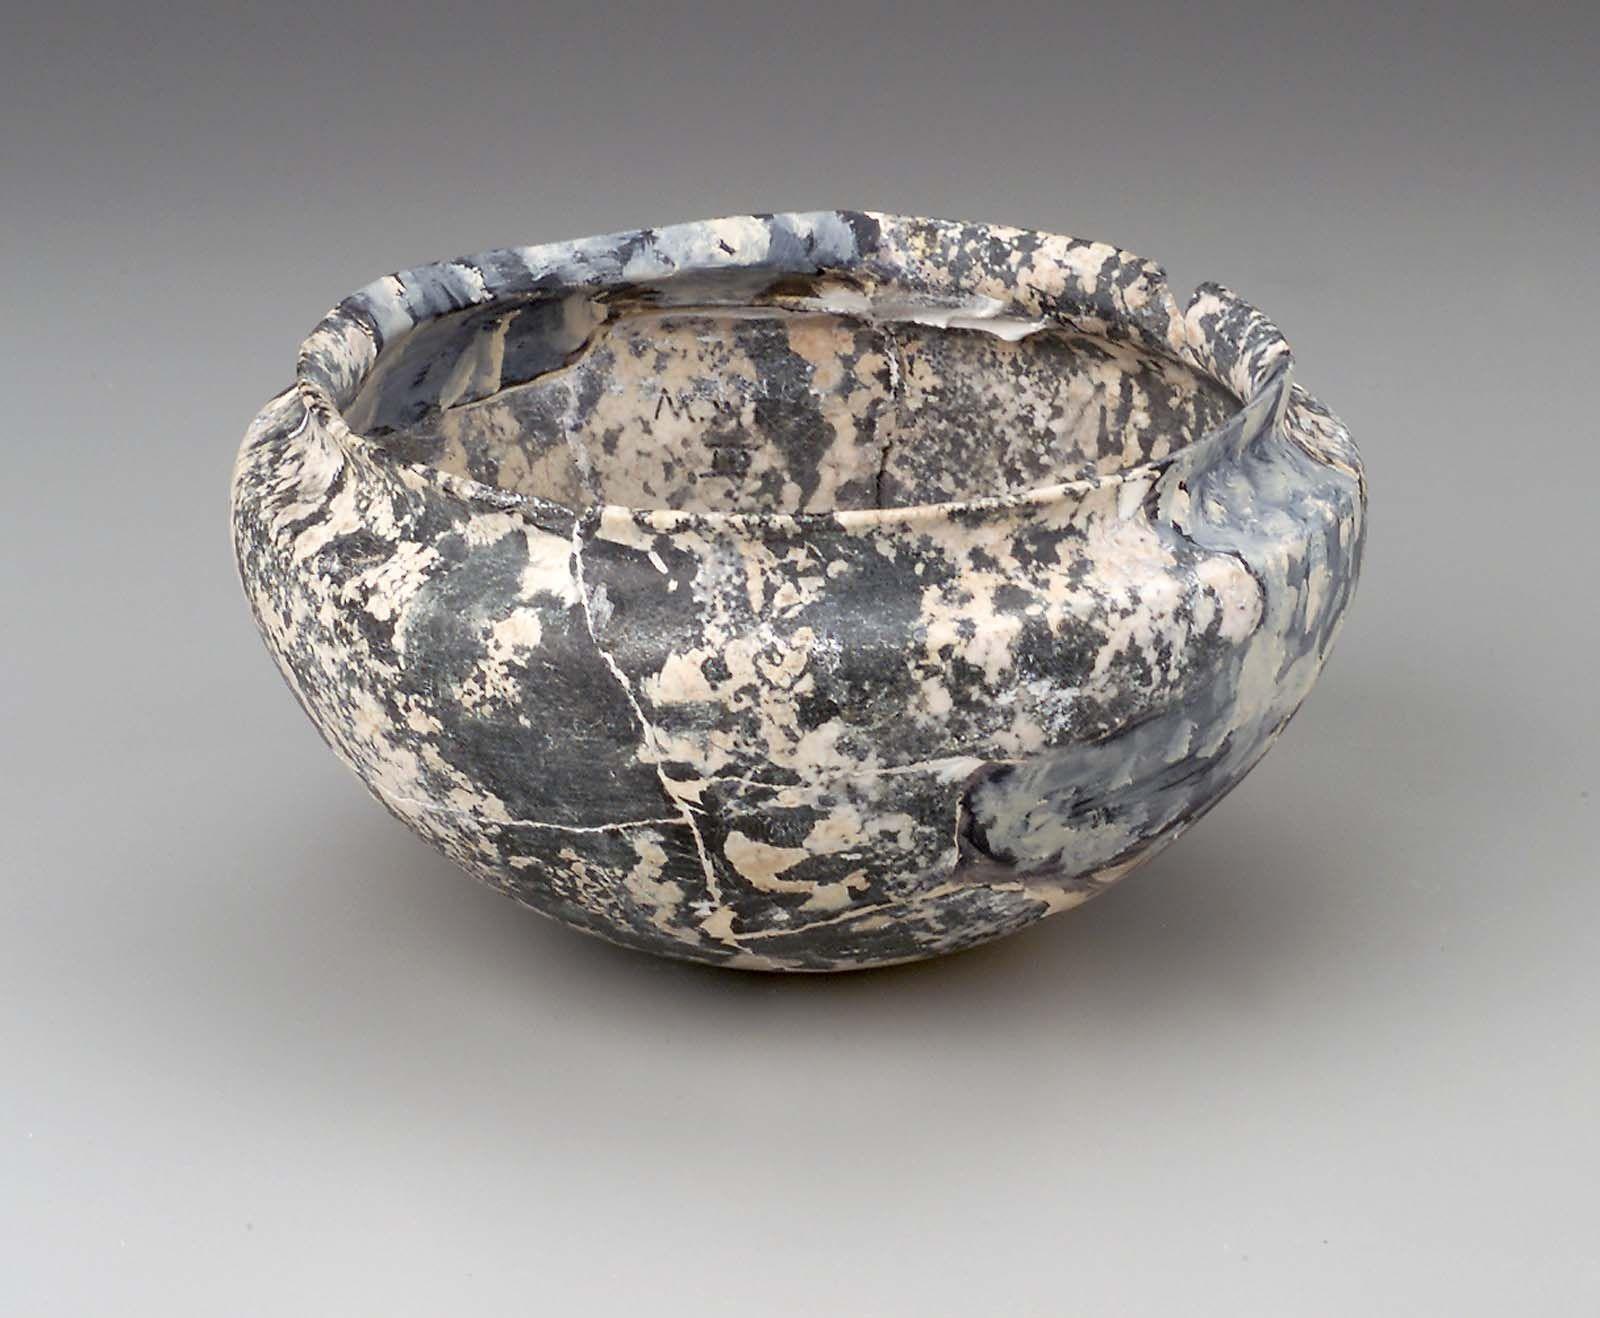 Carinated bowl. Egyptian, Old Kingdom, 4th Dynasty, 2575-2465 B.C.